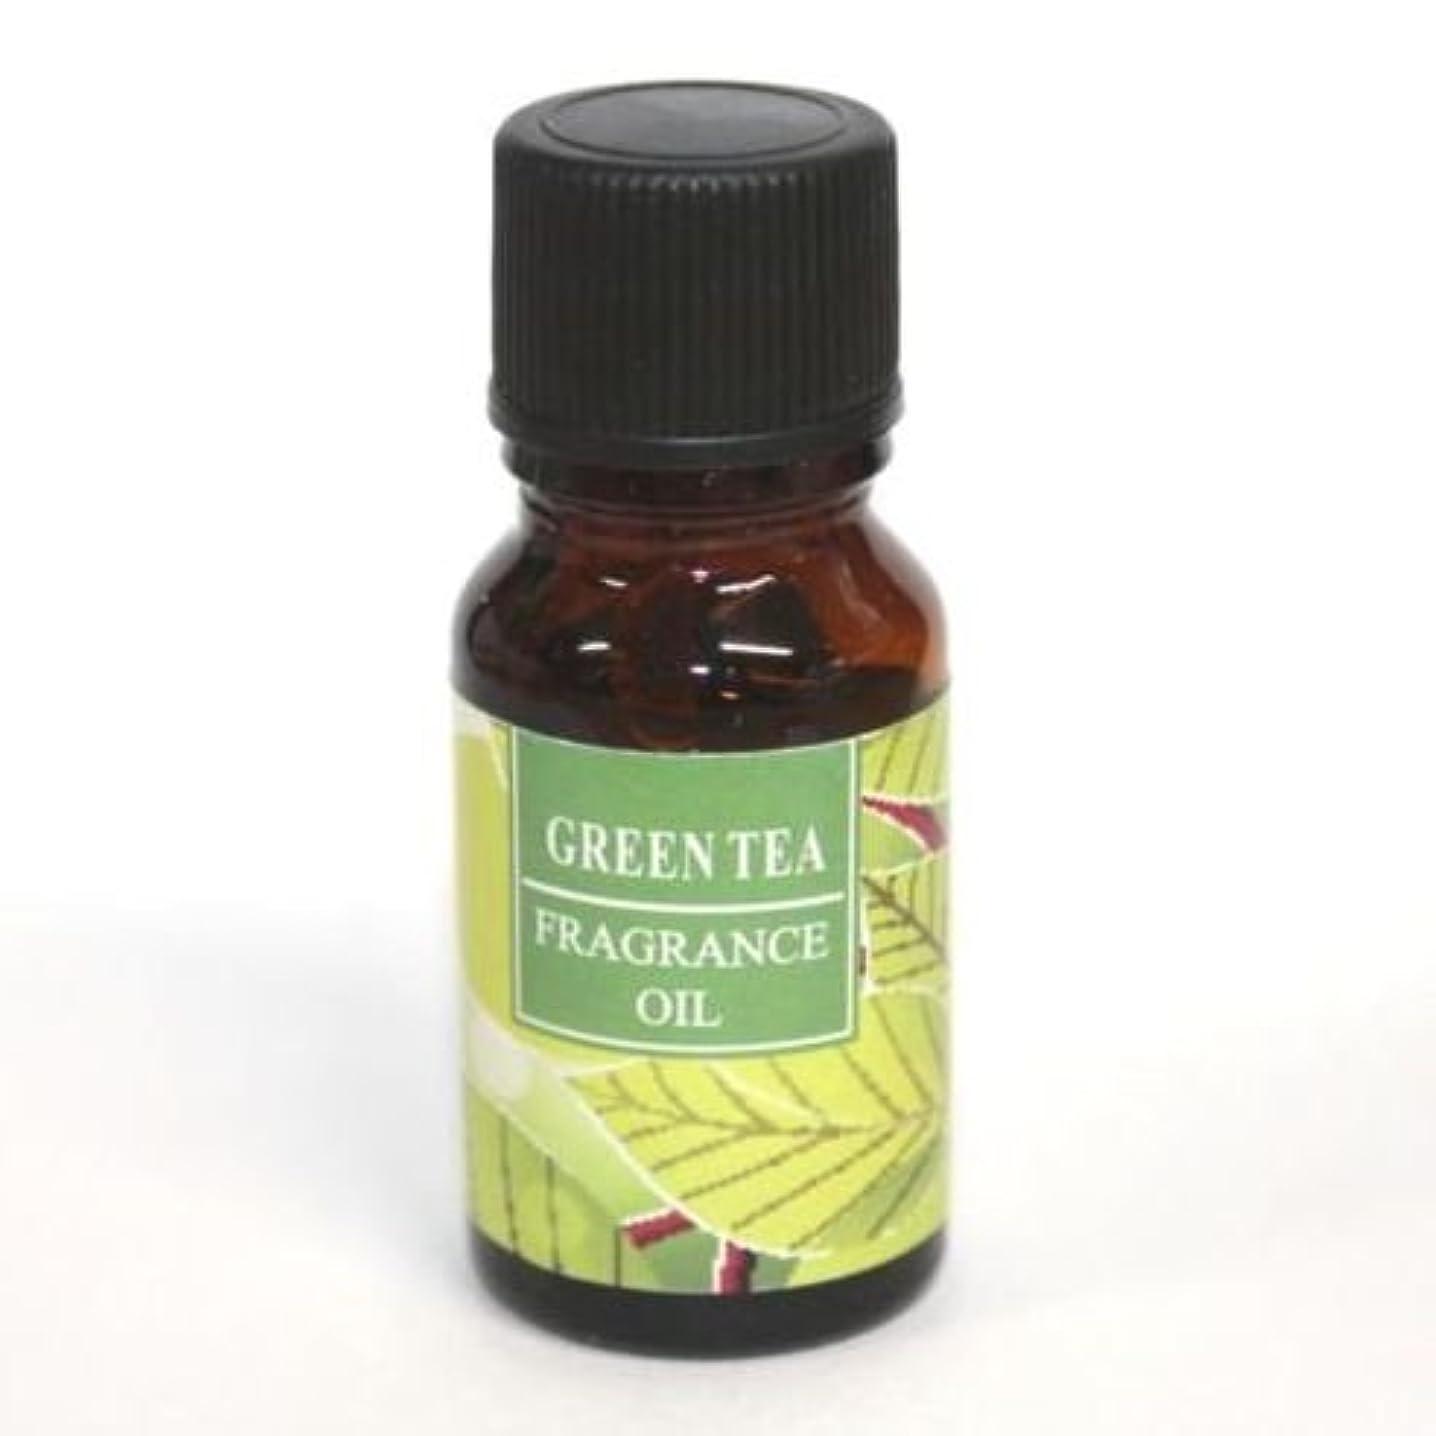 砂利航海値RELAXING アロマオイル AROMA OIL フレグランスオイル GREEN TEA 緑茶の香り RQ-09